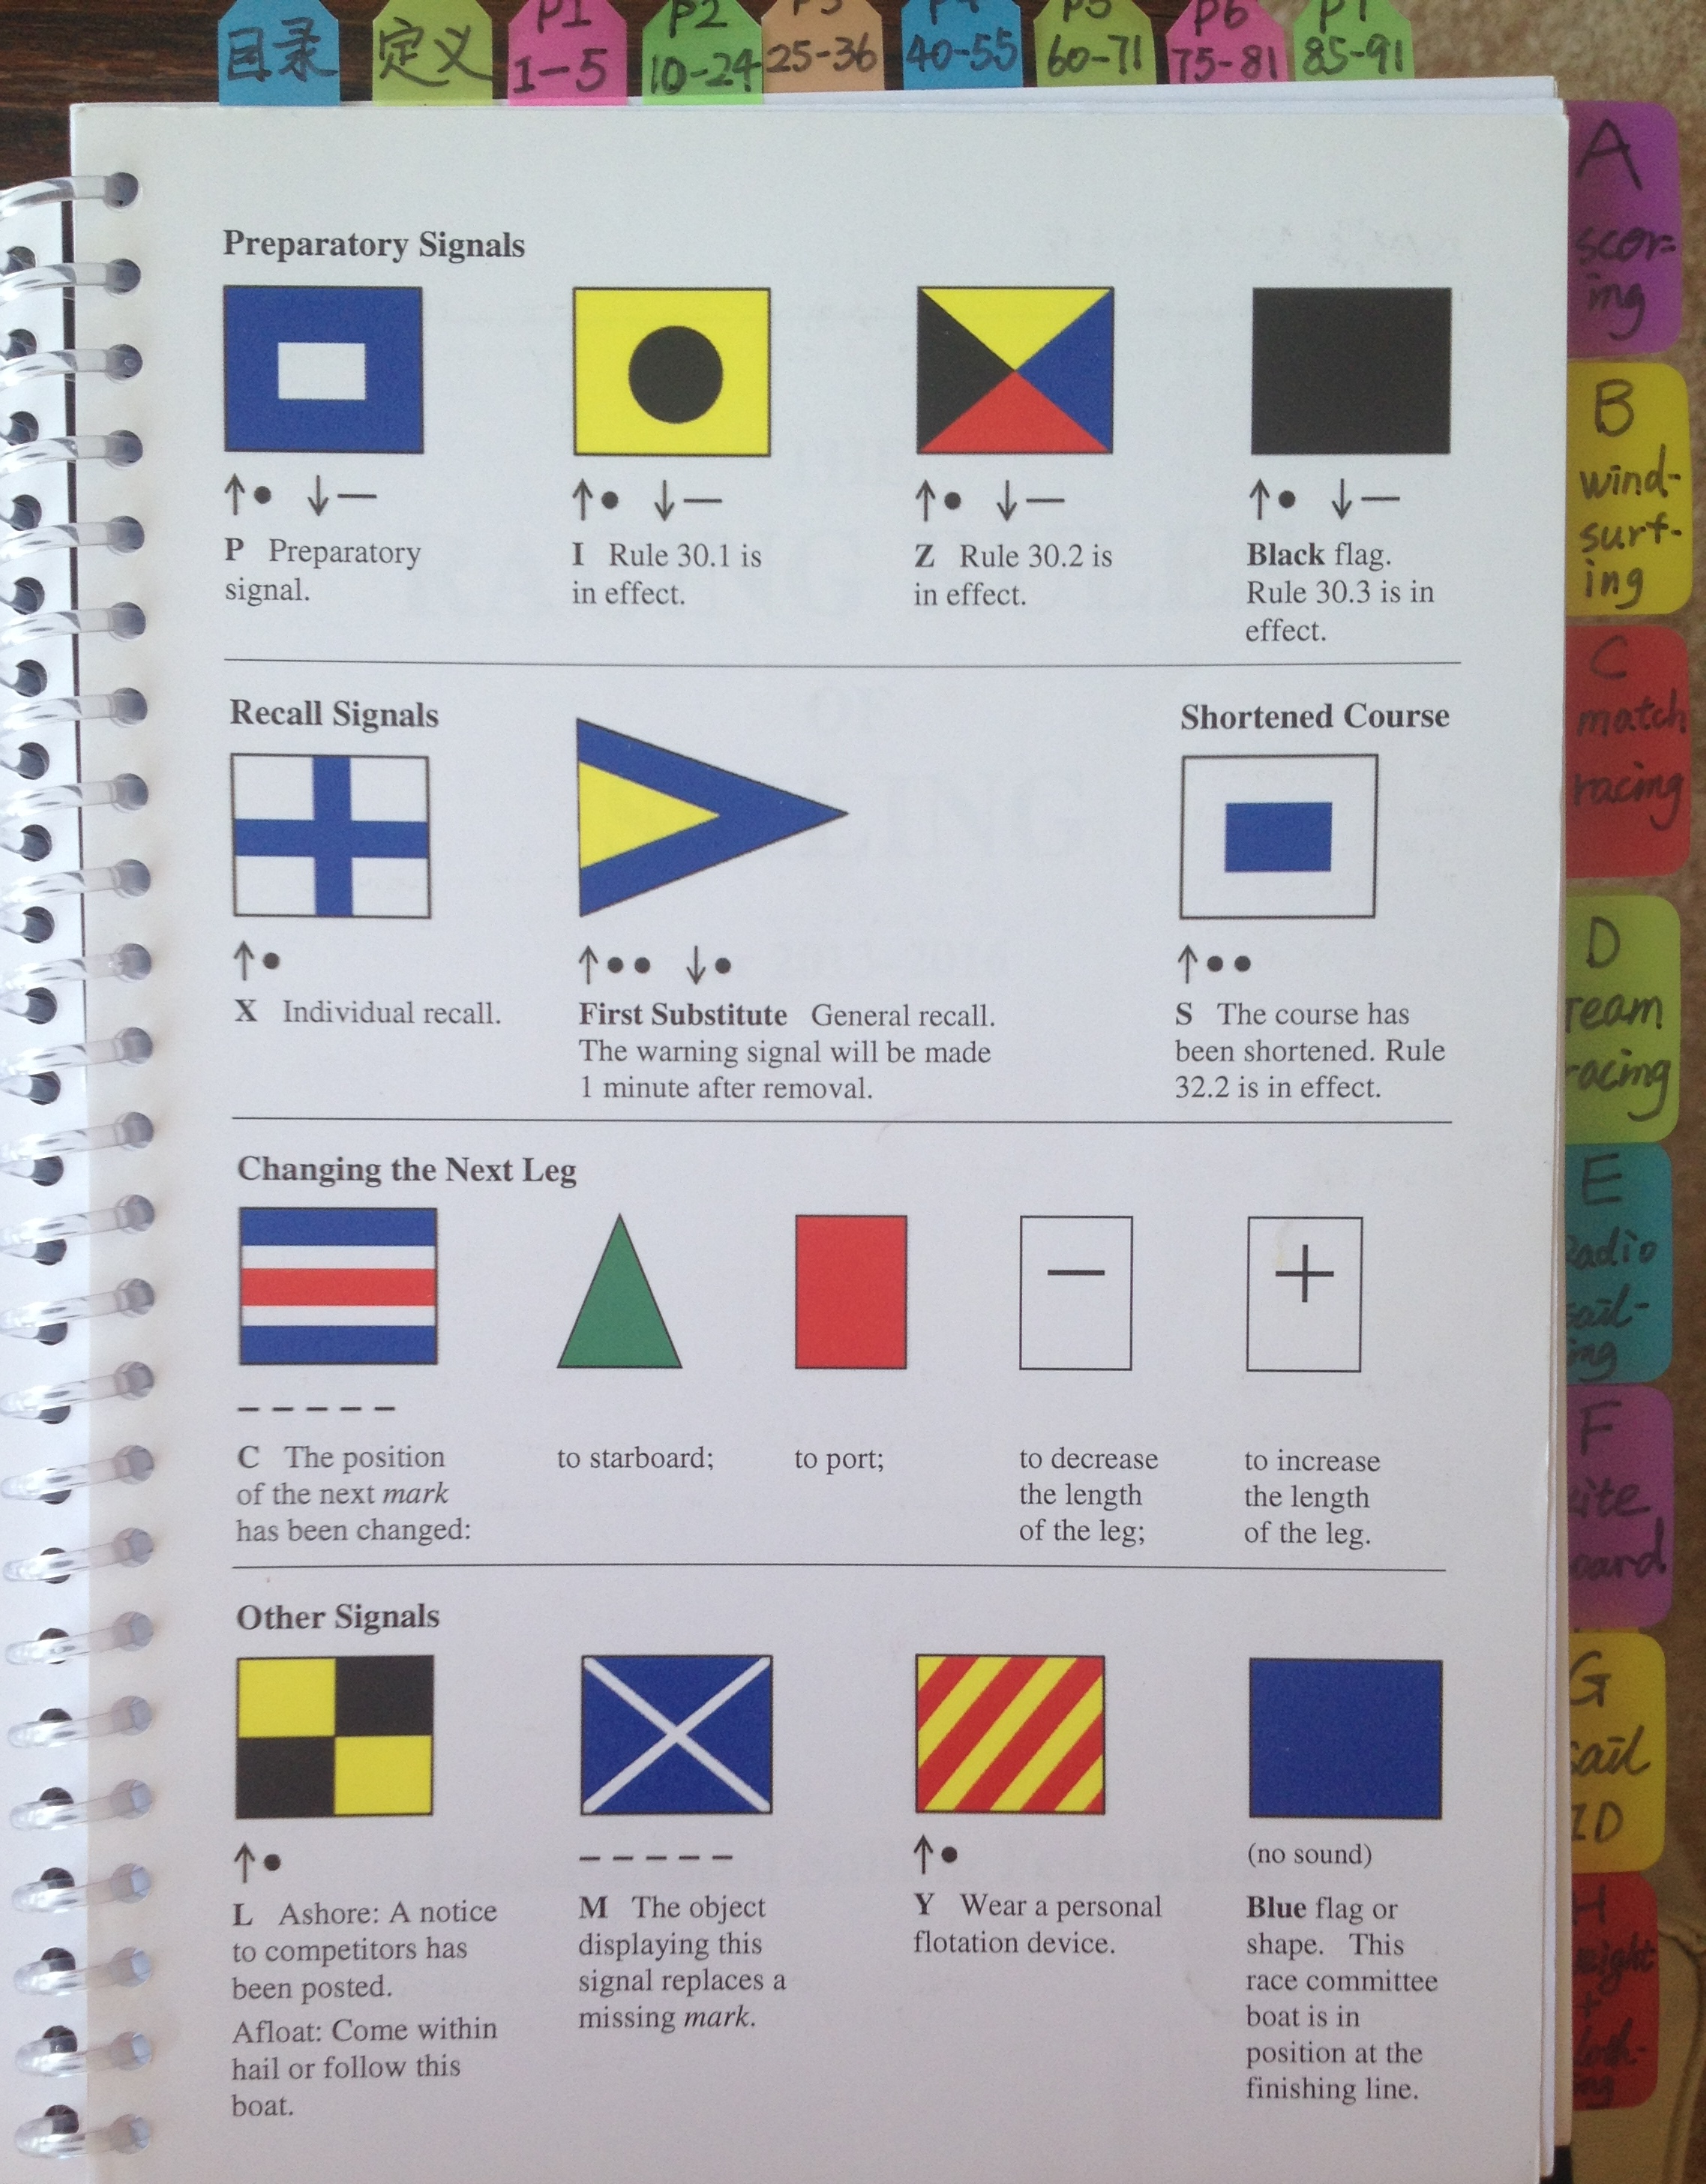 在海上,裁判给予任何指令都用信号旗。学习一些最常用的信号旗及它的作用. 29c.jpg